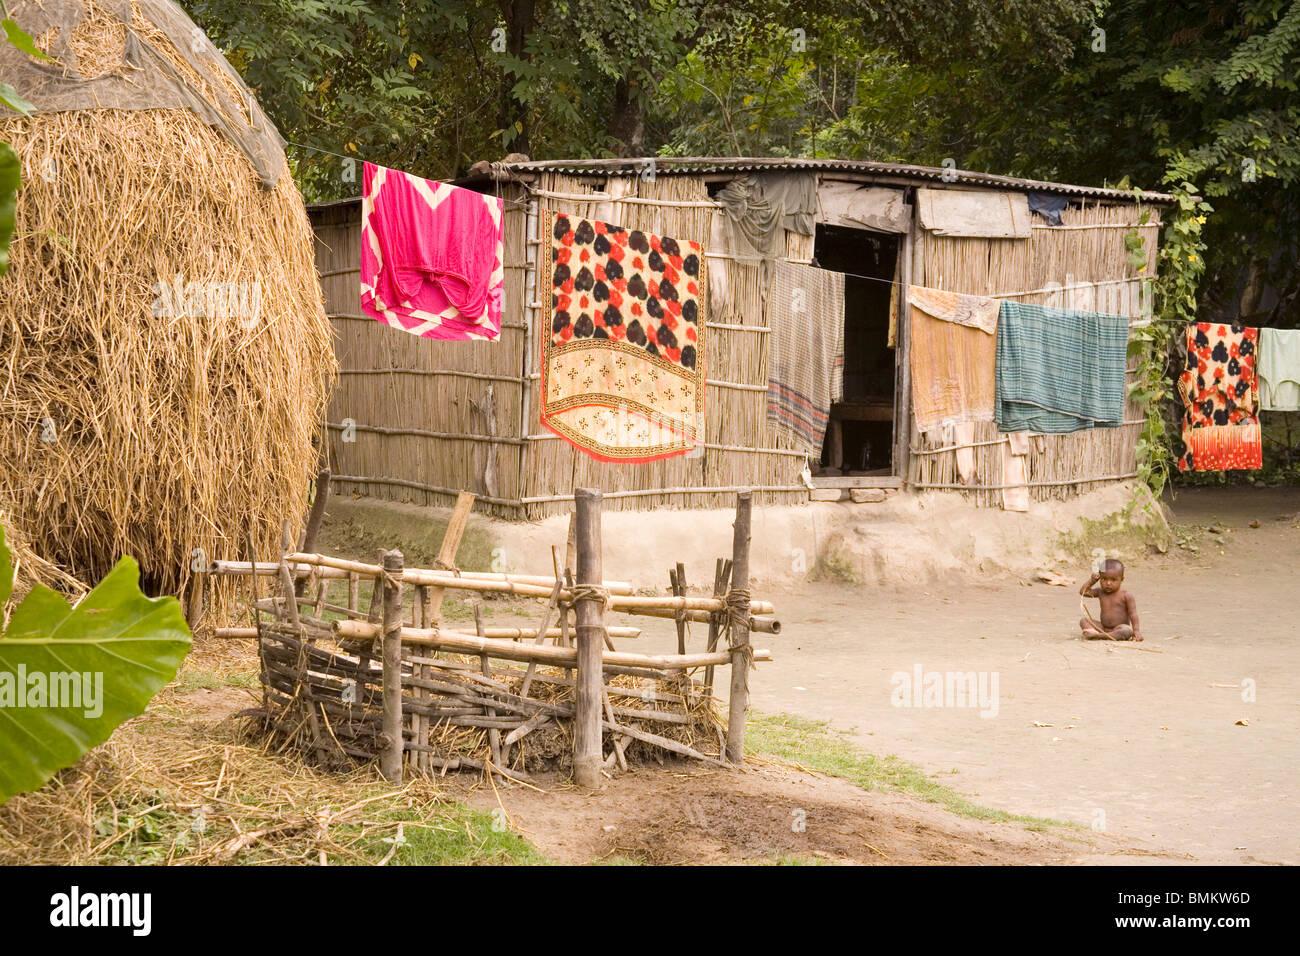 Rural scene hanging cloths on rope ; village Tauta; district Manikgunj ; Bangladesh - Stock Image